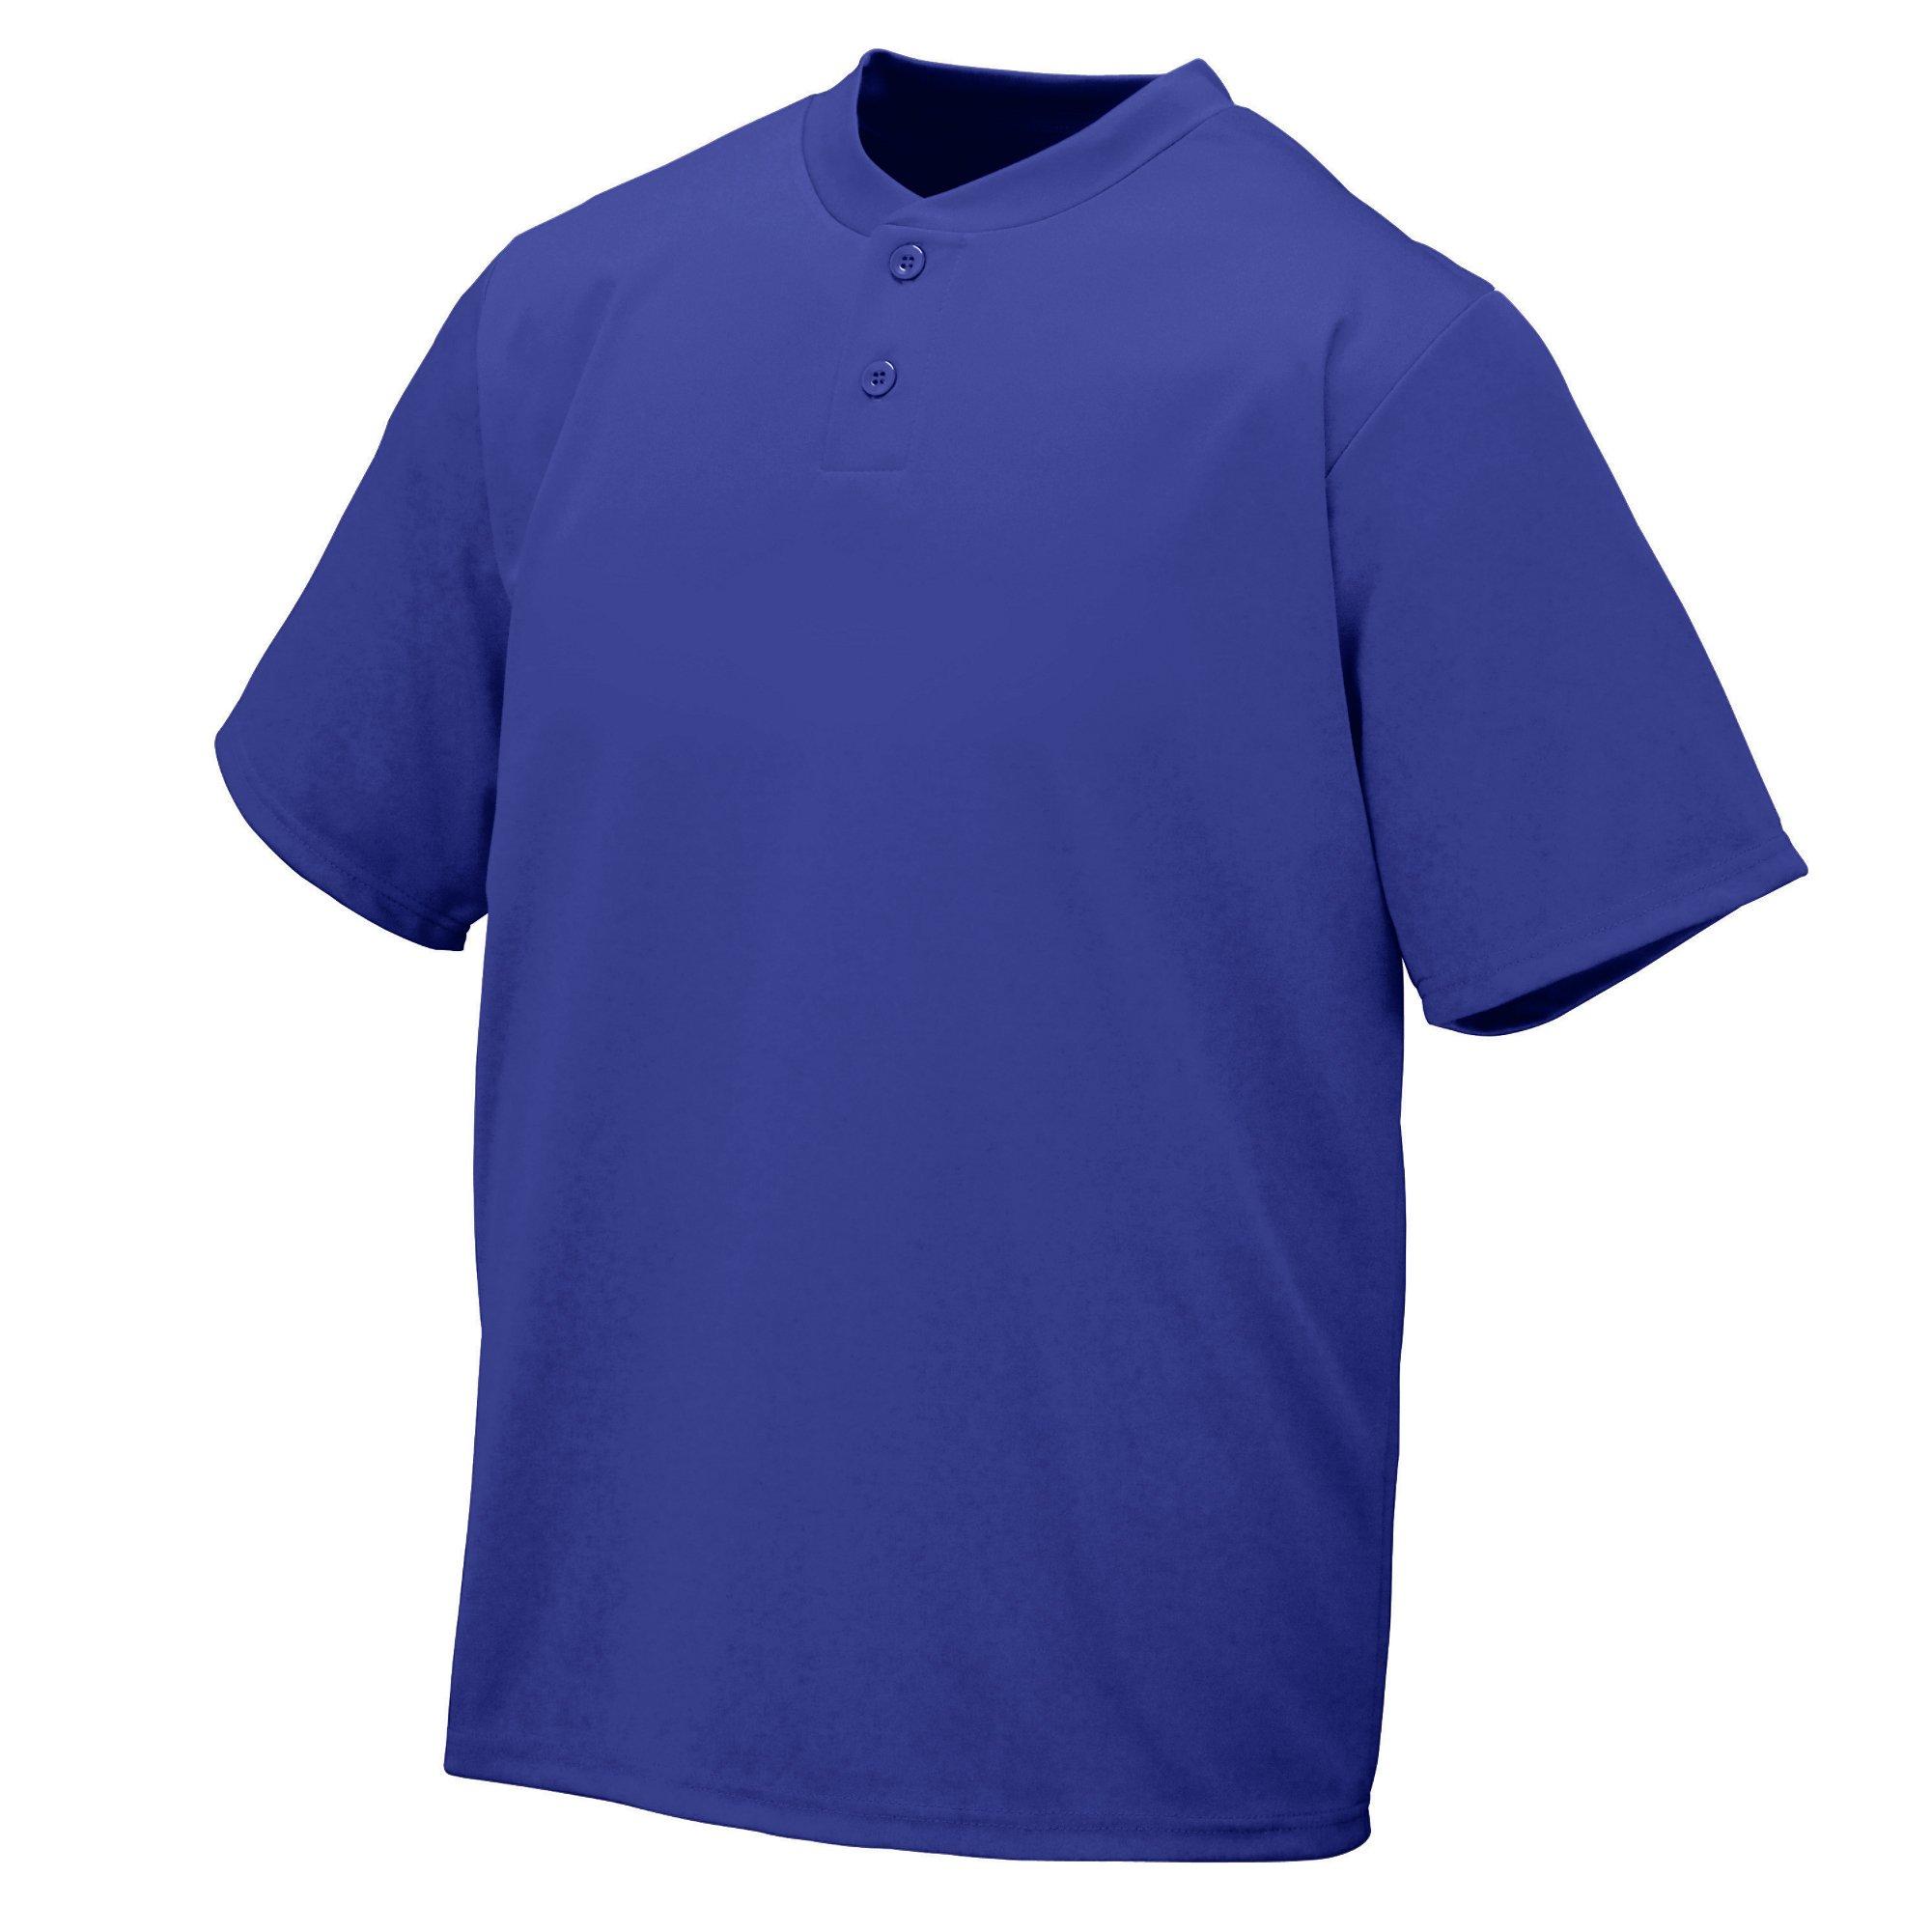 Augusta Sportswear Wicking Two-Button Jersey 3XL Purple by Augusta Sportswear